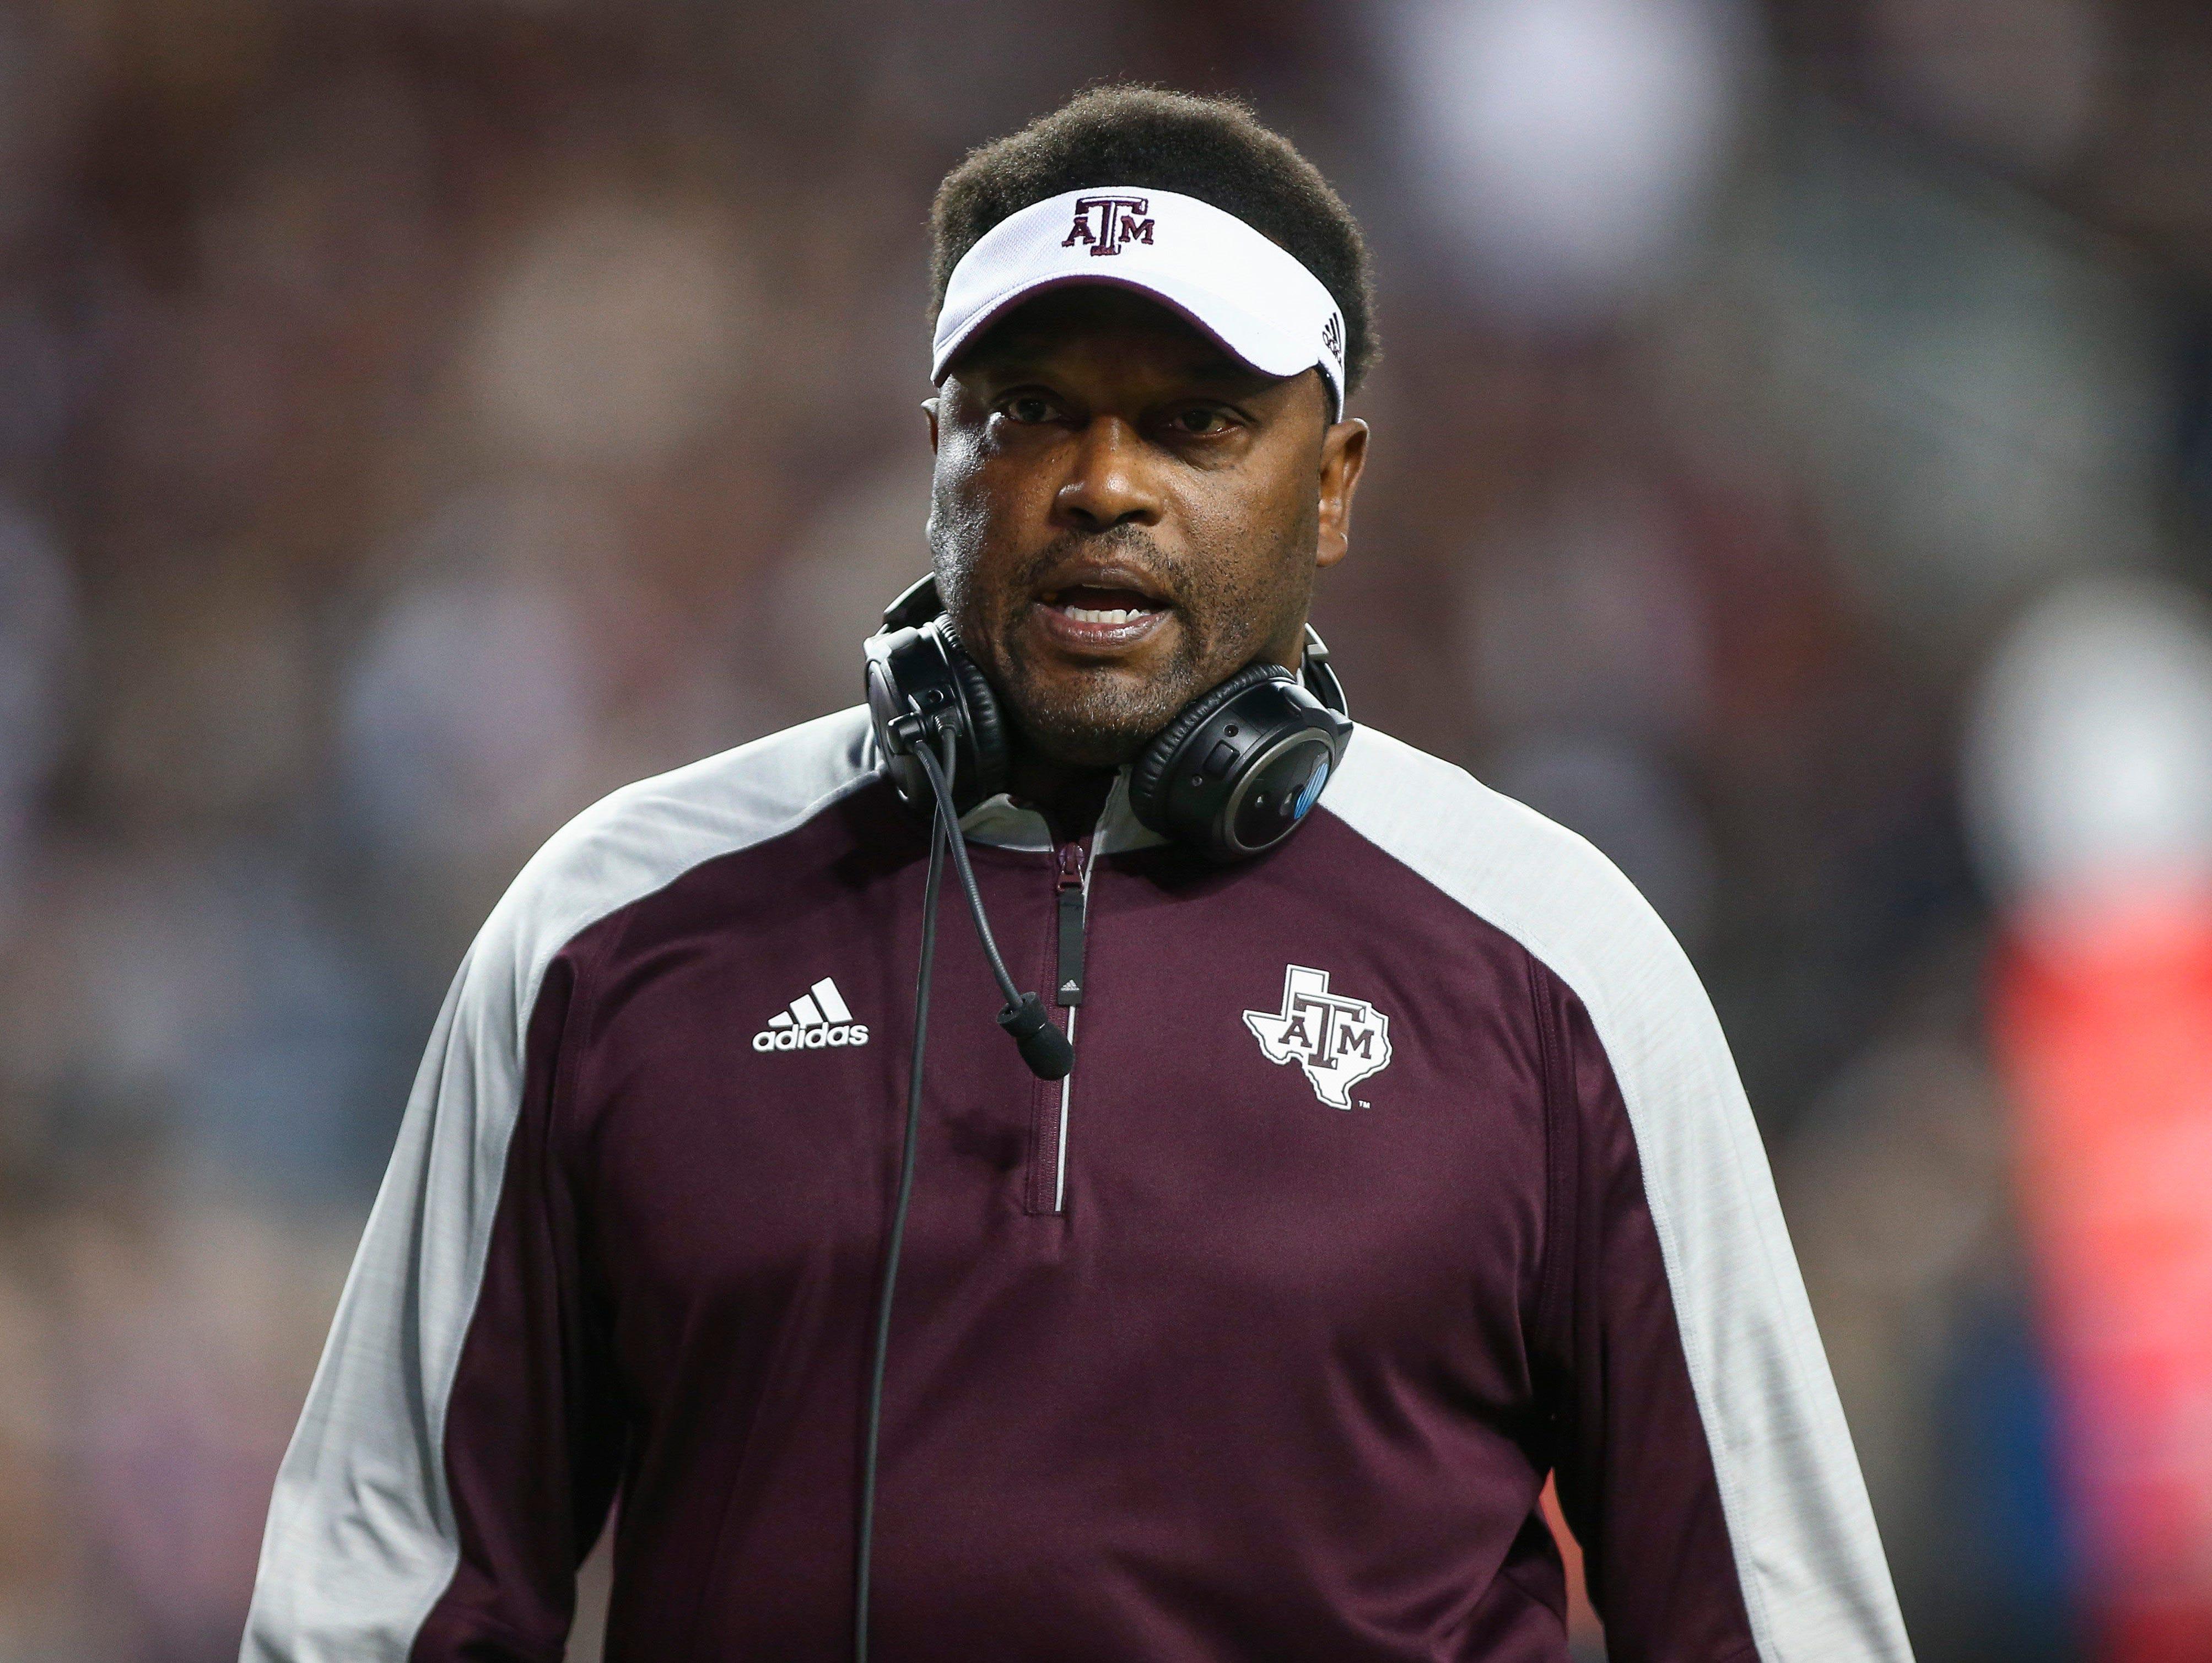 Texas A&M Aggies head coach Kevin Sumlin.